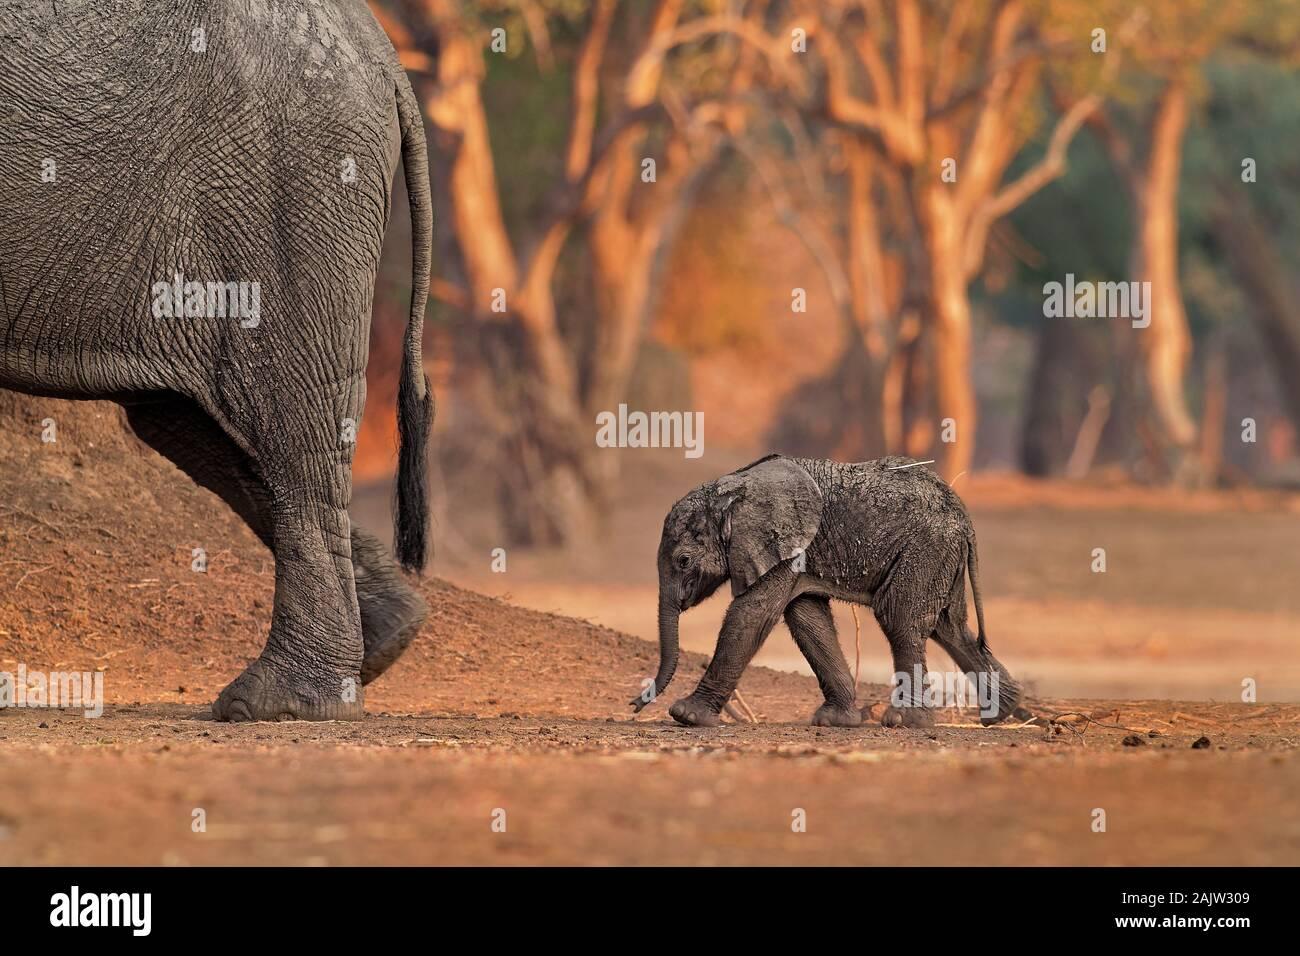 Bush - Elefante Africano Loxodonta africana pequeño bebé elefante con su madre, beber leche, chupar, caminando y comiendo hojas en Mana Pools de Zim Foto de stock